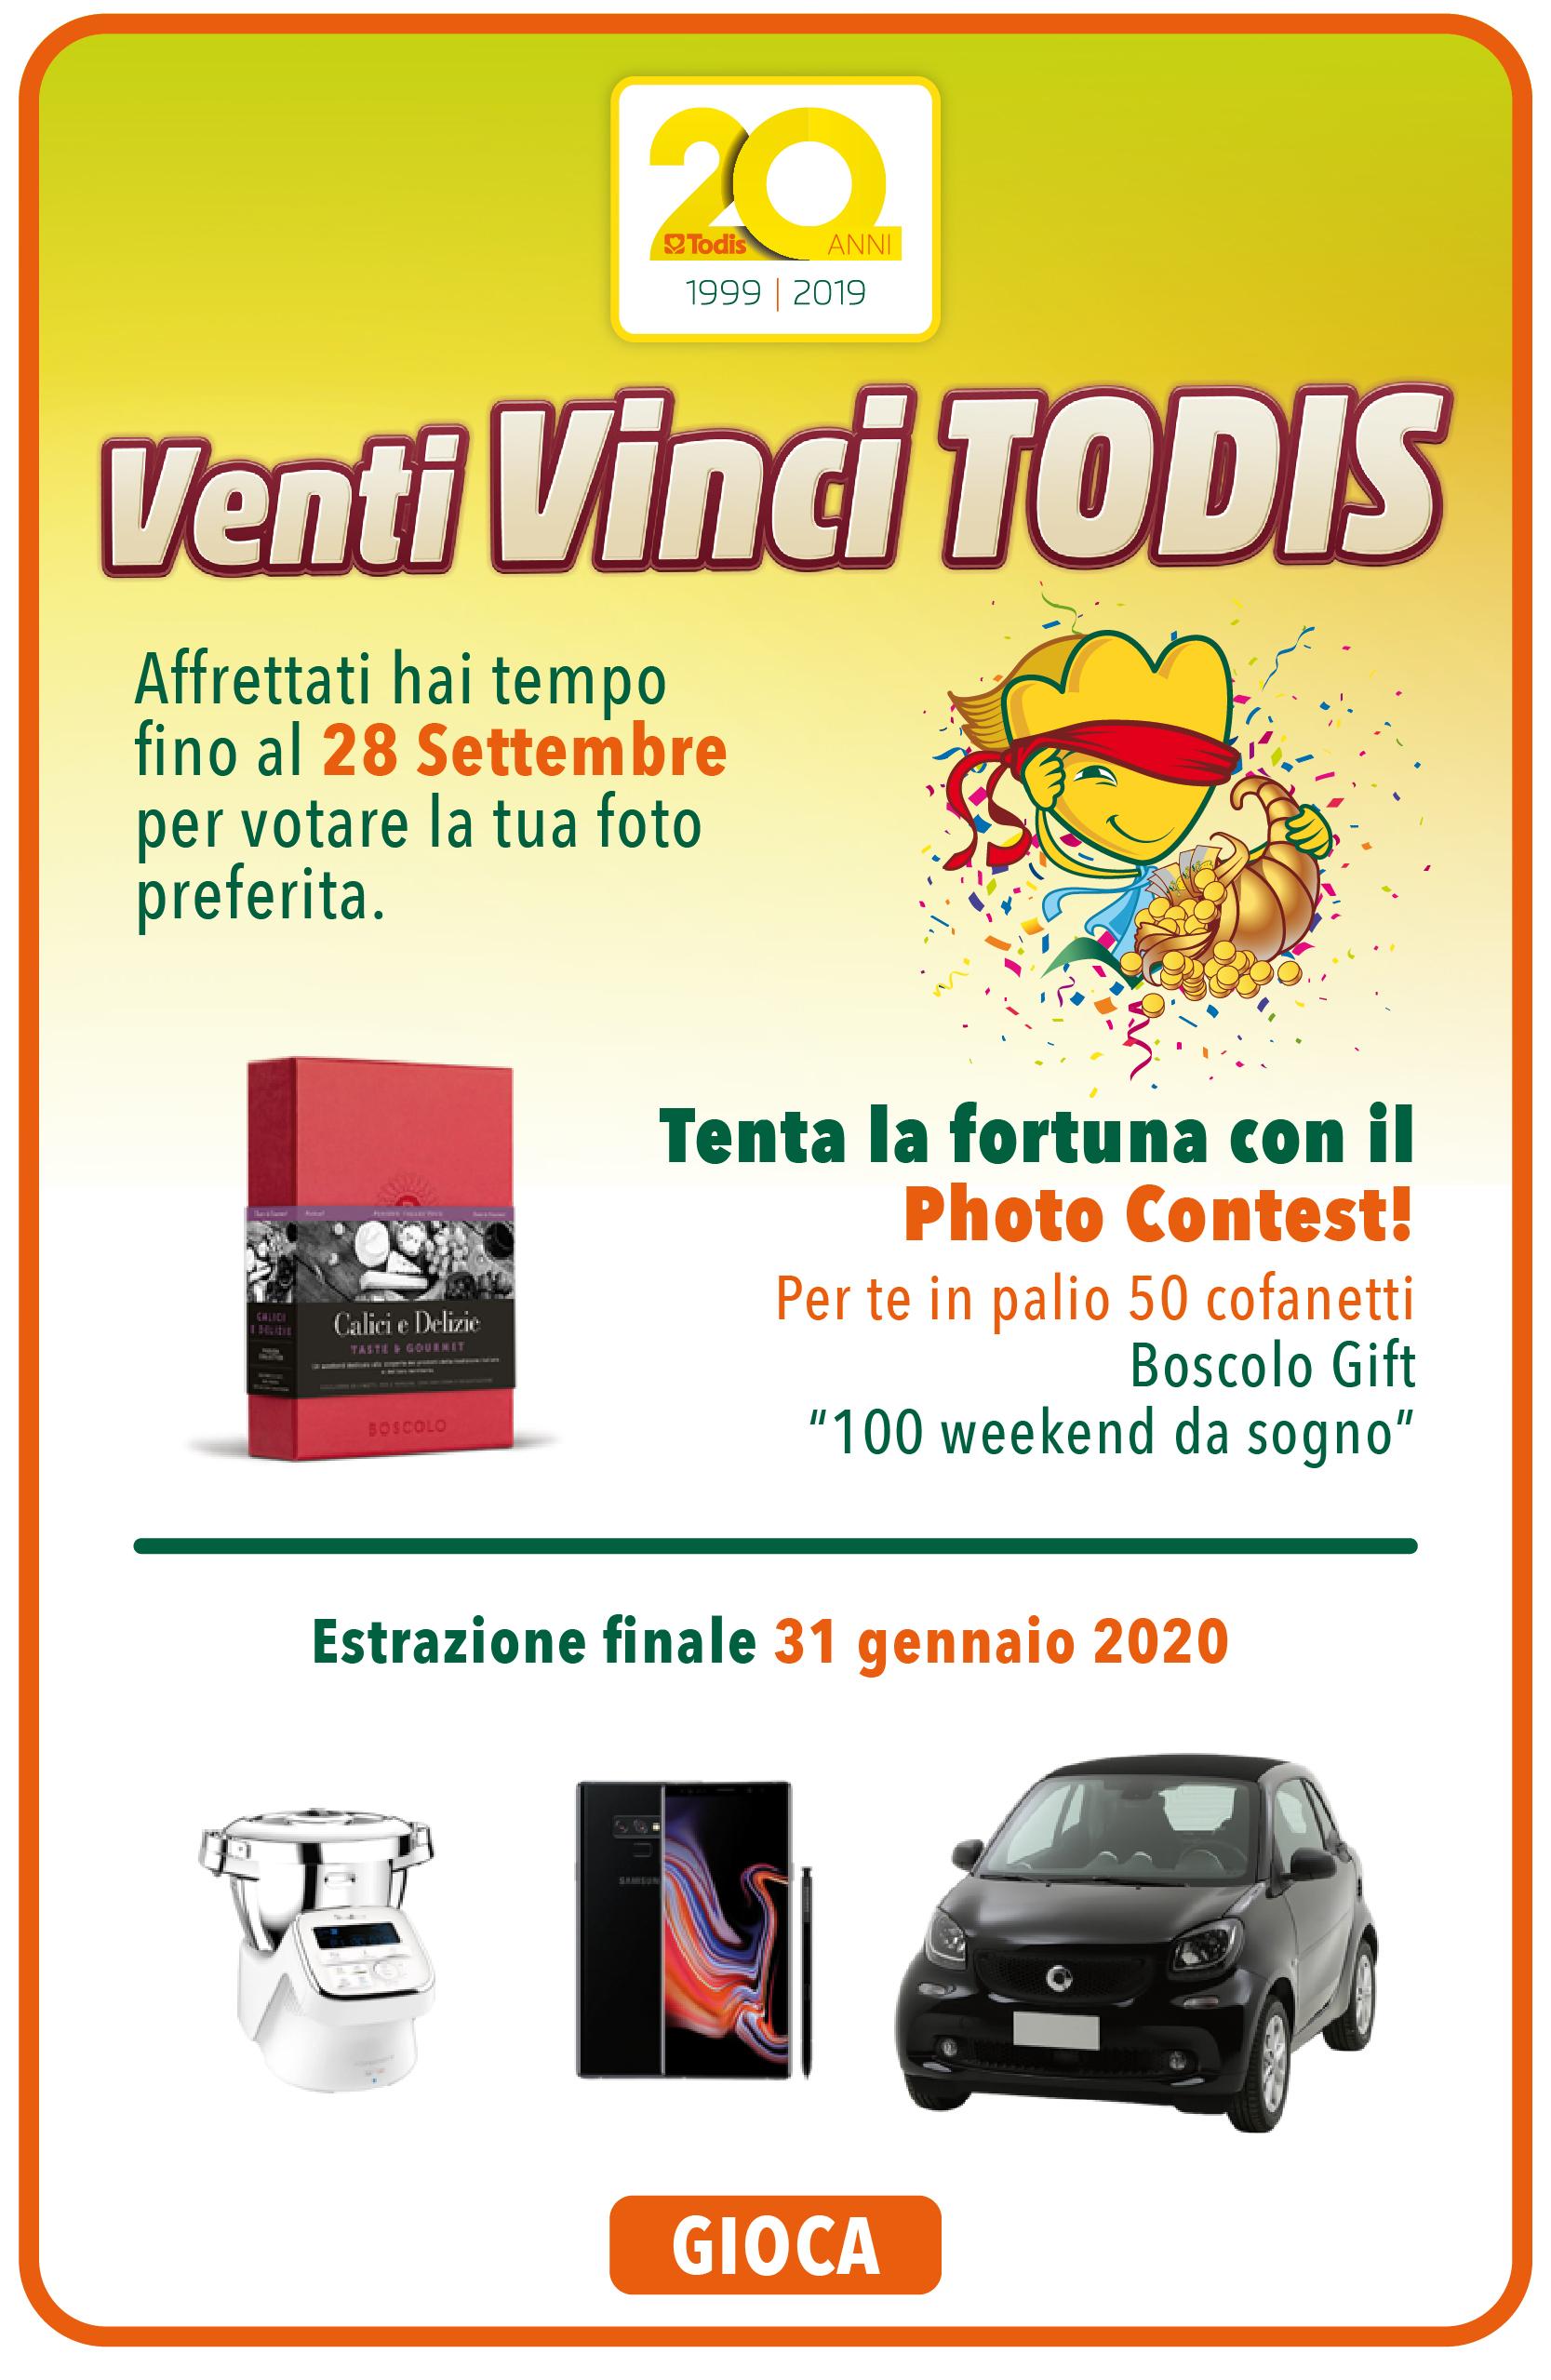 Calendario Gocciole Pavesi.Todis Supermercati Spesa Di Qualita A Prezzi Convenienti